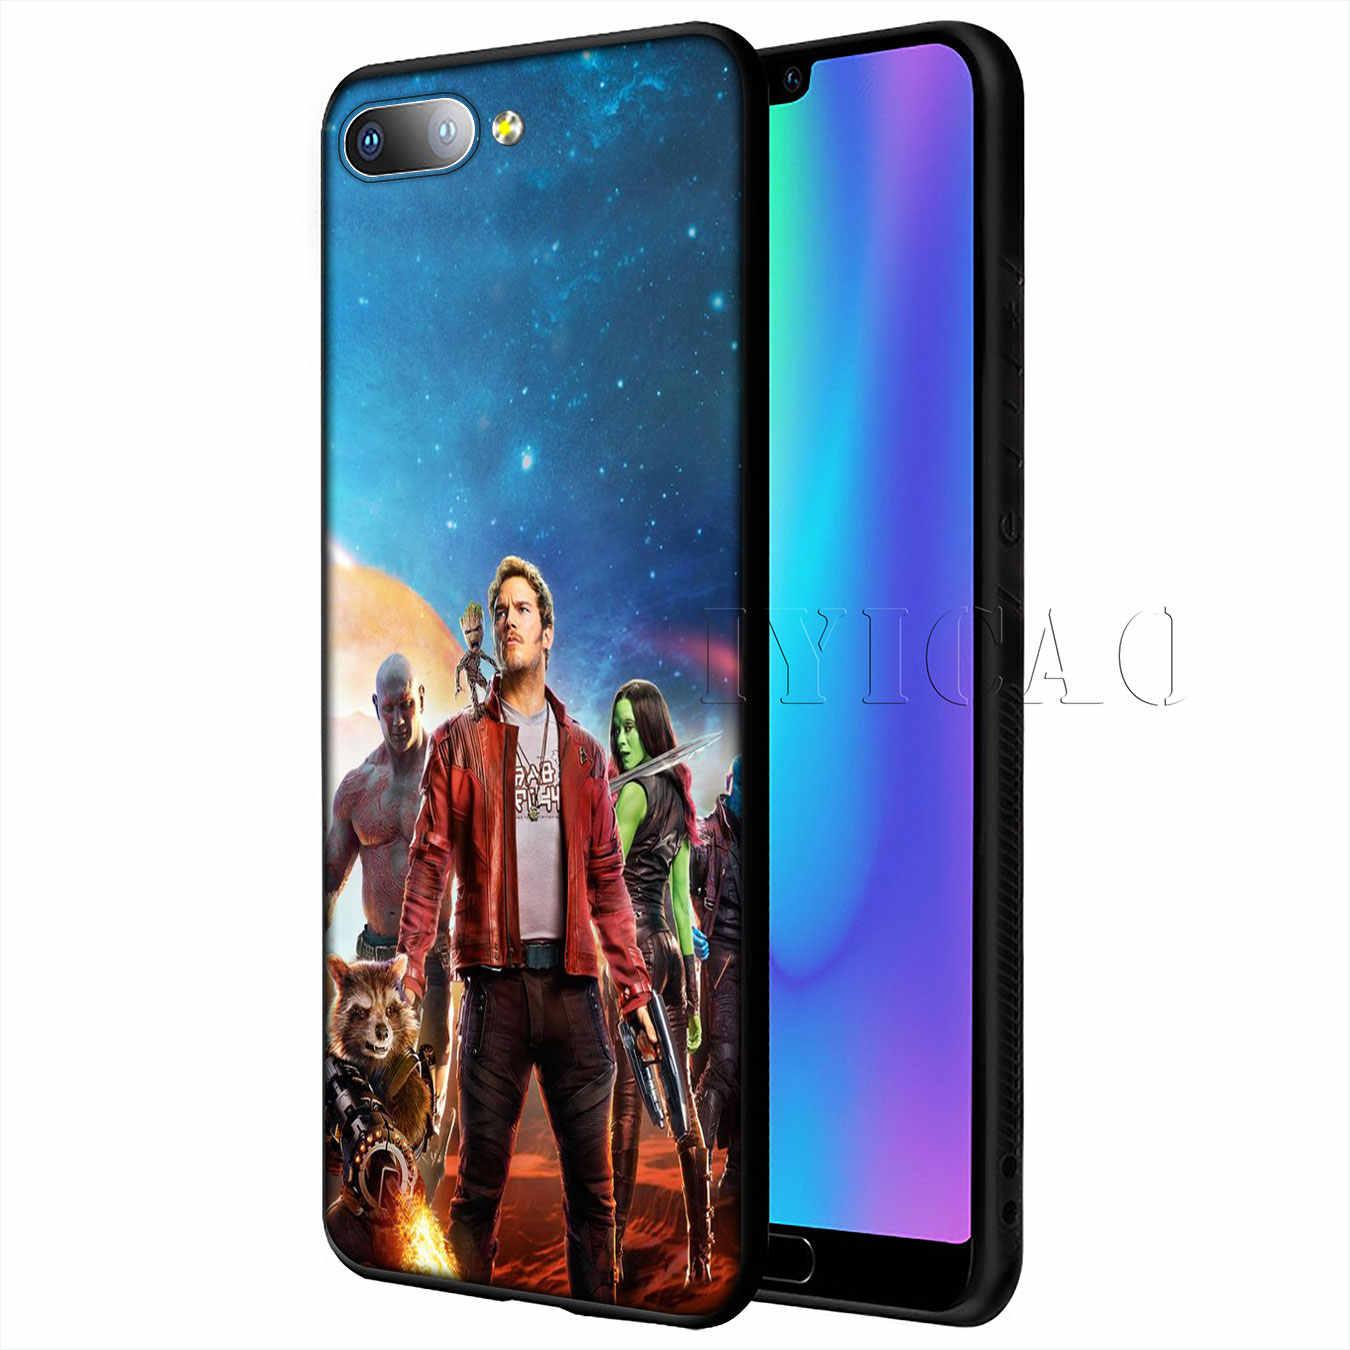 IYICAO Người Giám Hộ của cho Galaxy Marvel Mềm dành cho Huawei Y9 Y7 Y6 Prime 2019 Tôn Vinh 20 8C 8X8 9 9X10 Lite 7C 7X 7A Pro